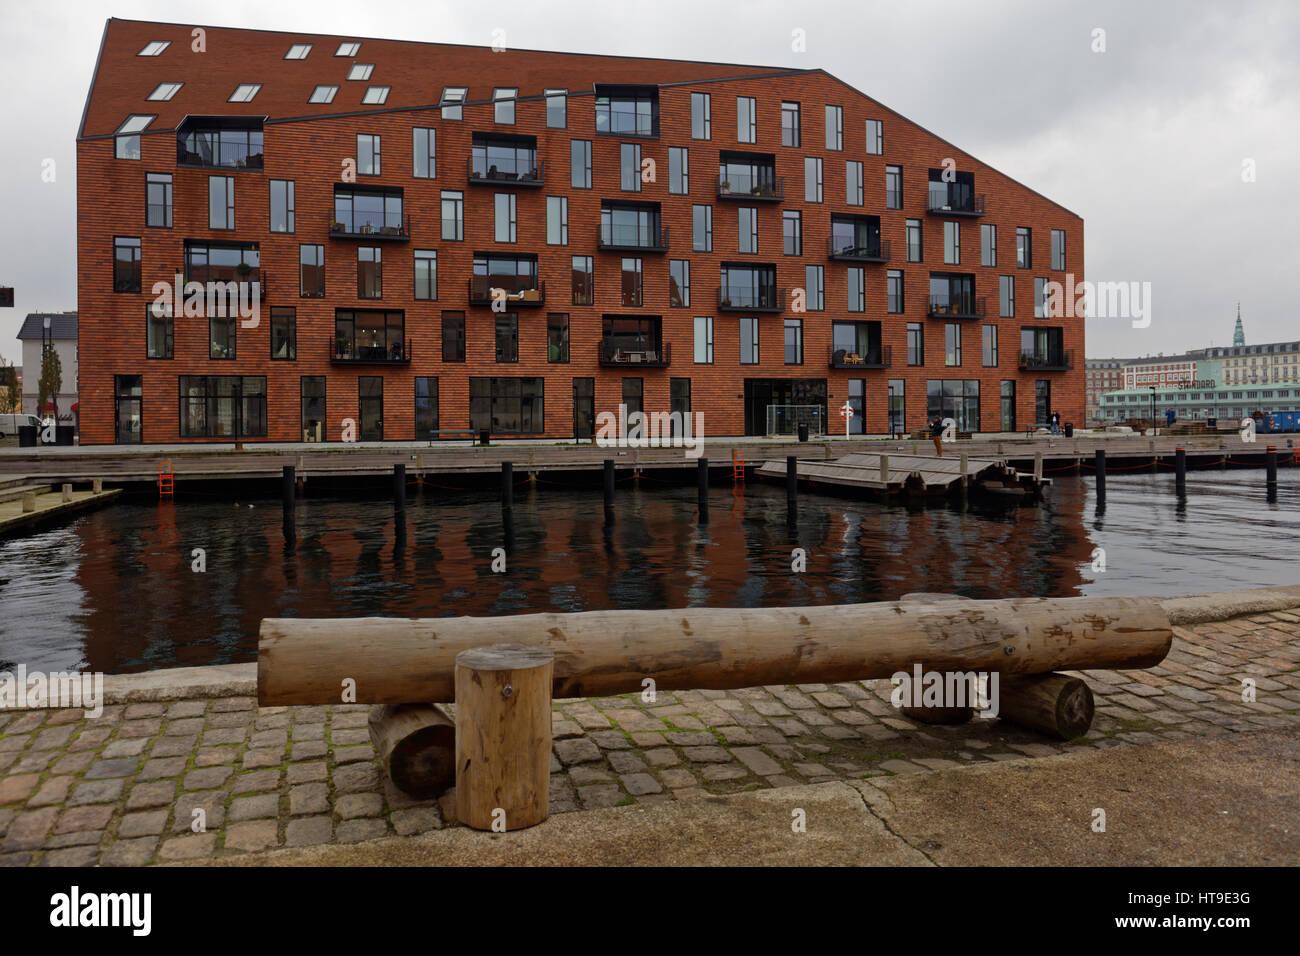 K, les nouveaux bâtiments d'habitation dans le centre de Copenhague, Danemark Banque D'Images